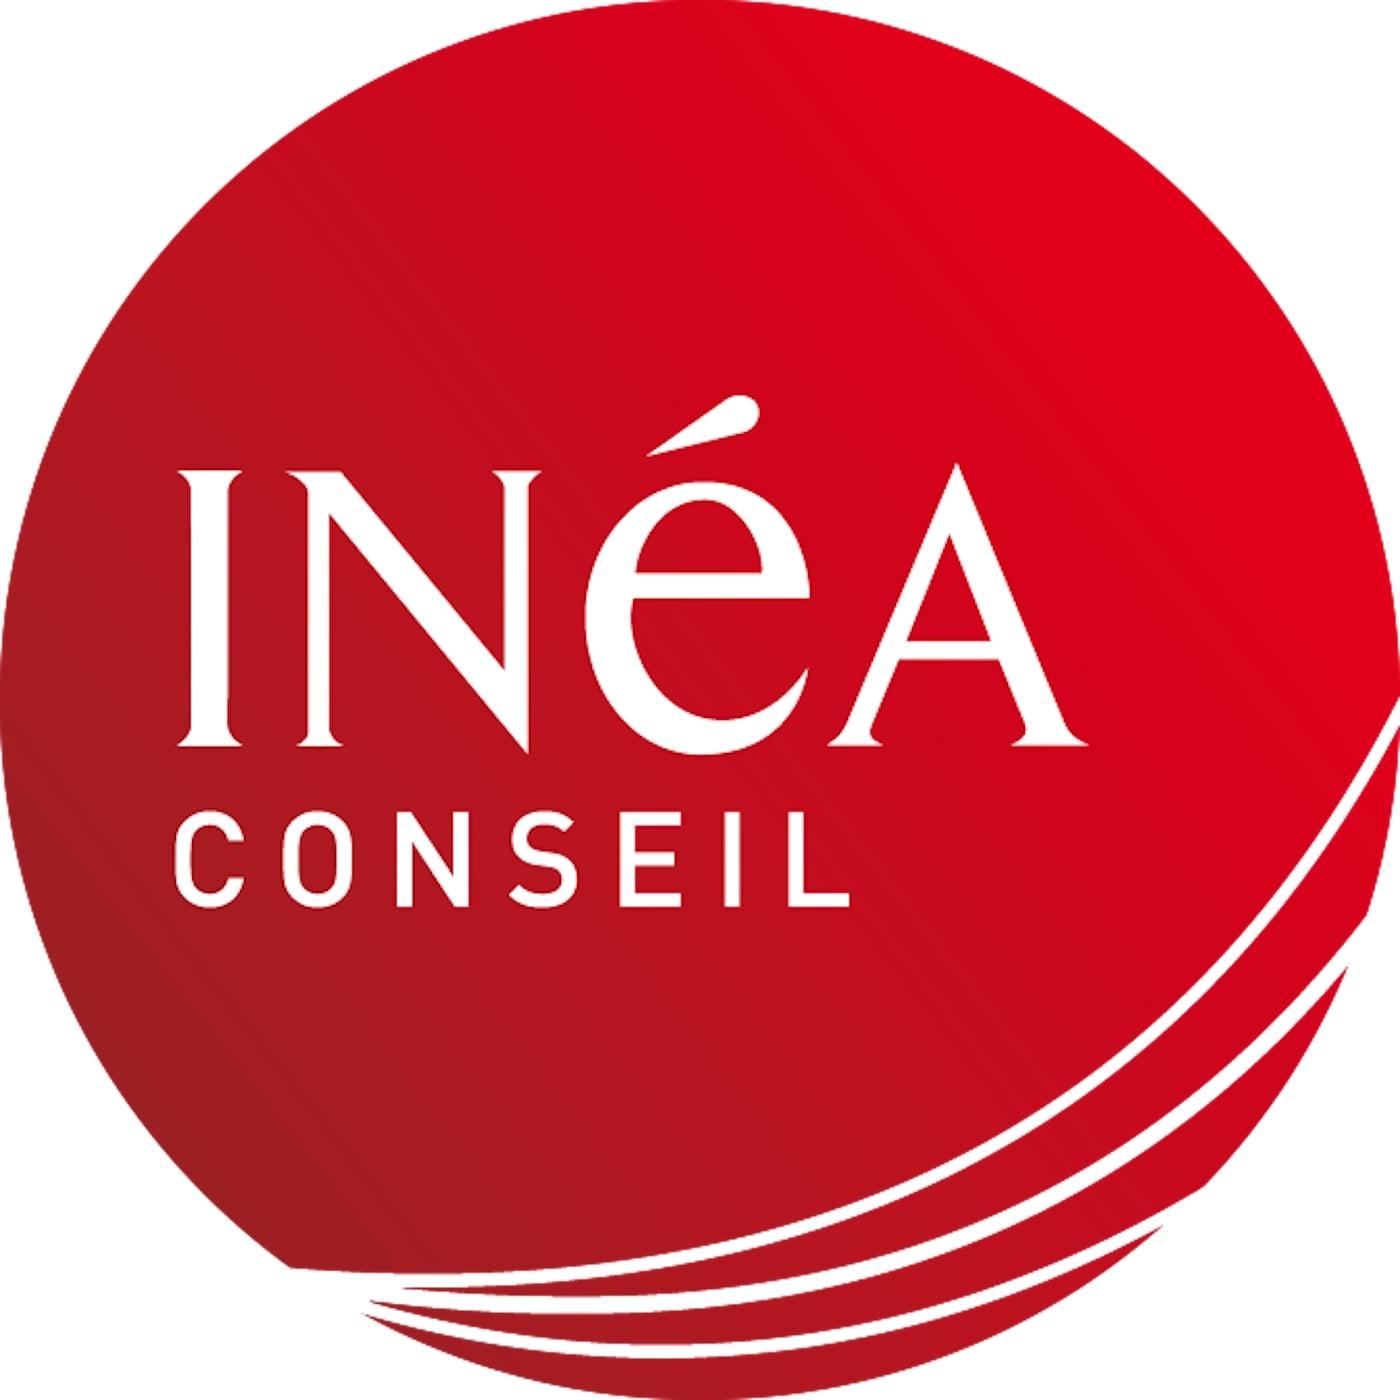 INEA CONSEIL